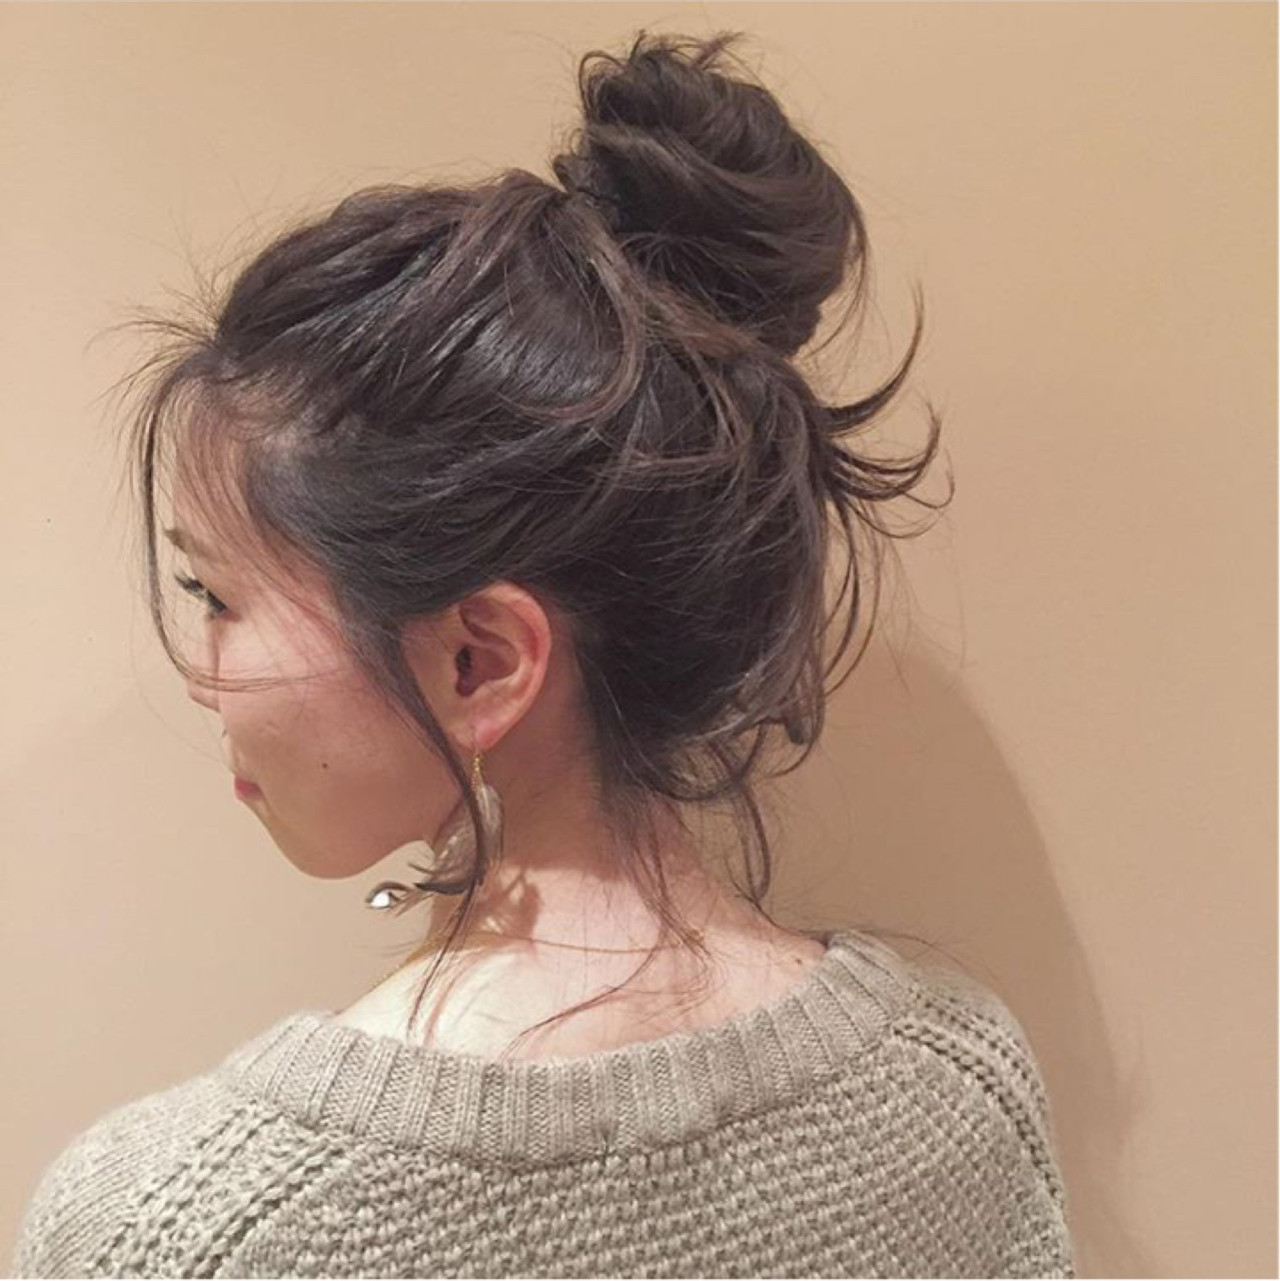 簡単ヘアアレンジ「シニヨン」のやり方特別レッスン♡基本技〜変化テクまで! 日高 かおり  BEAUTRIUM265